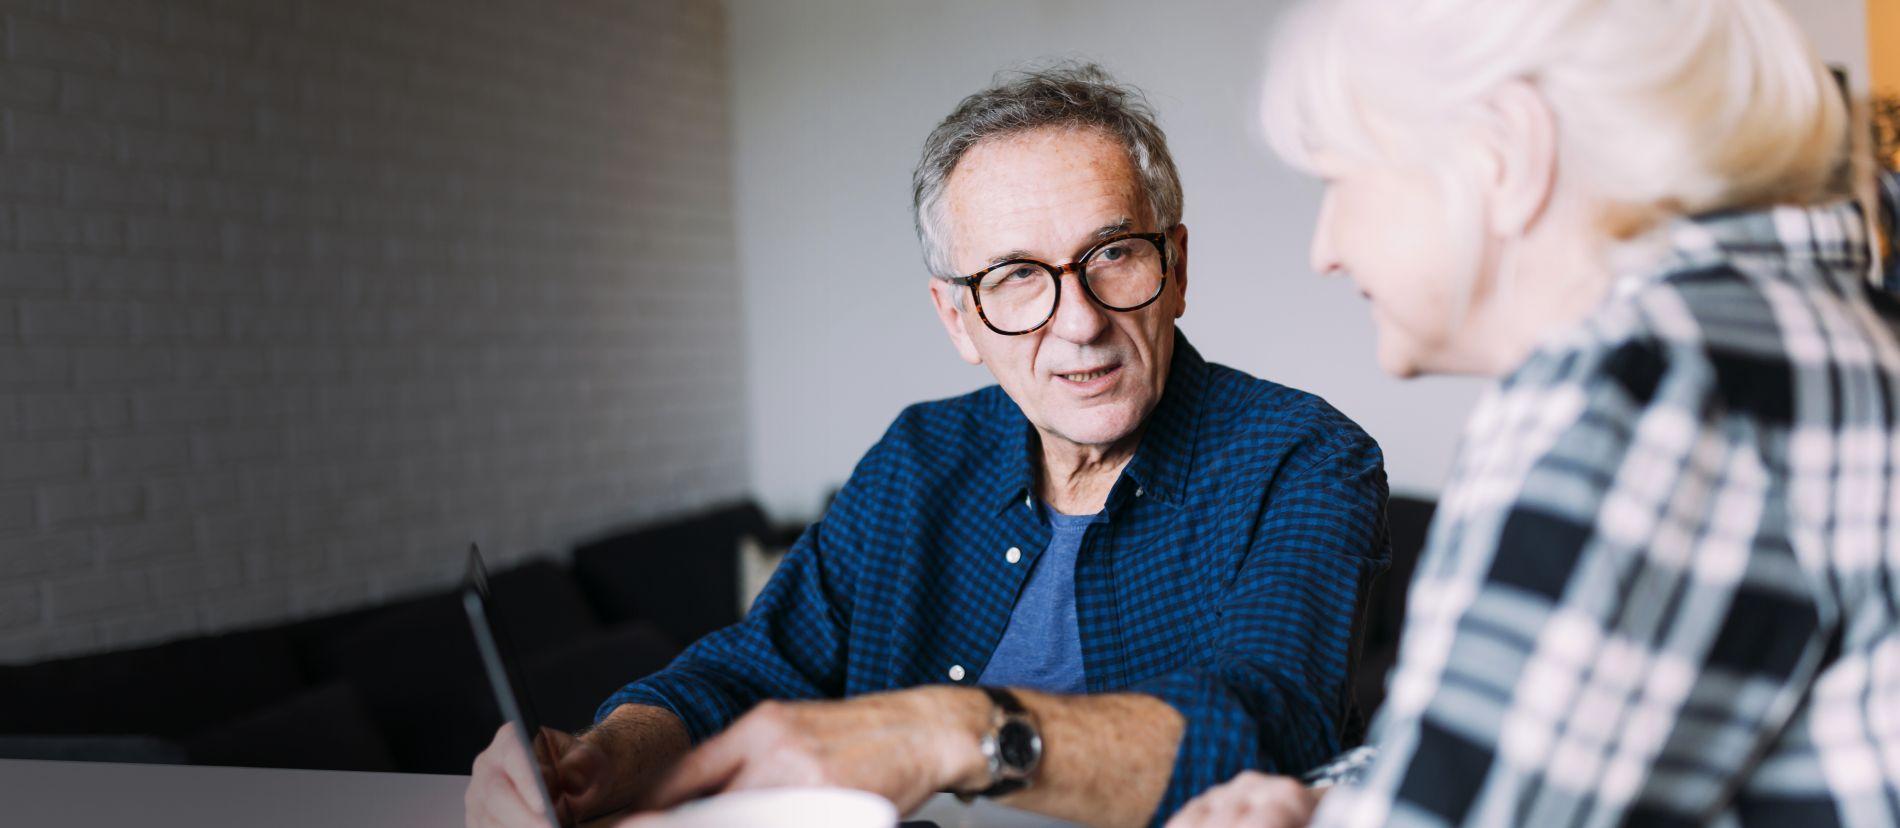 Экспресс кредит без истории пенсионерам на недвижимость